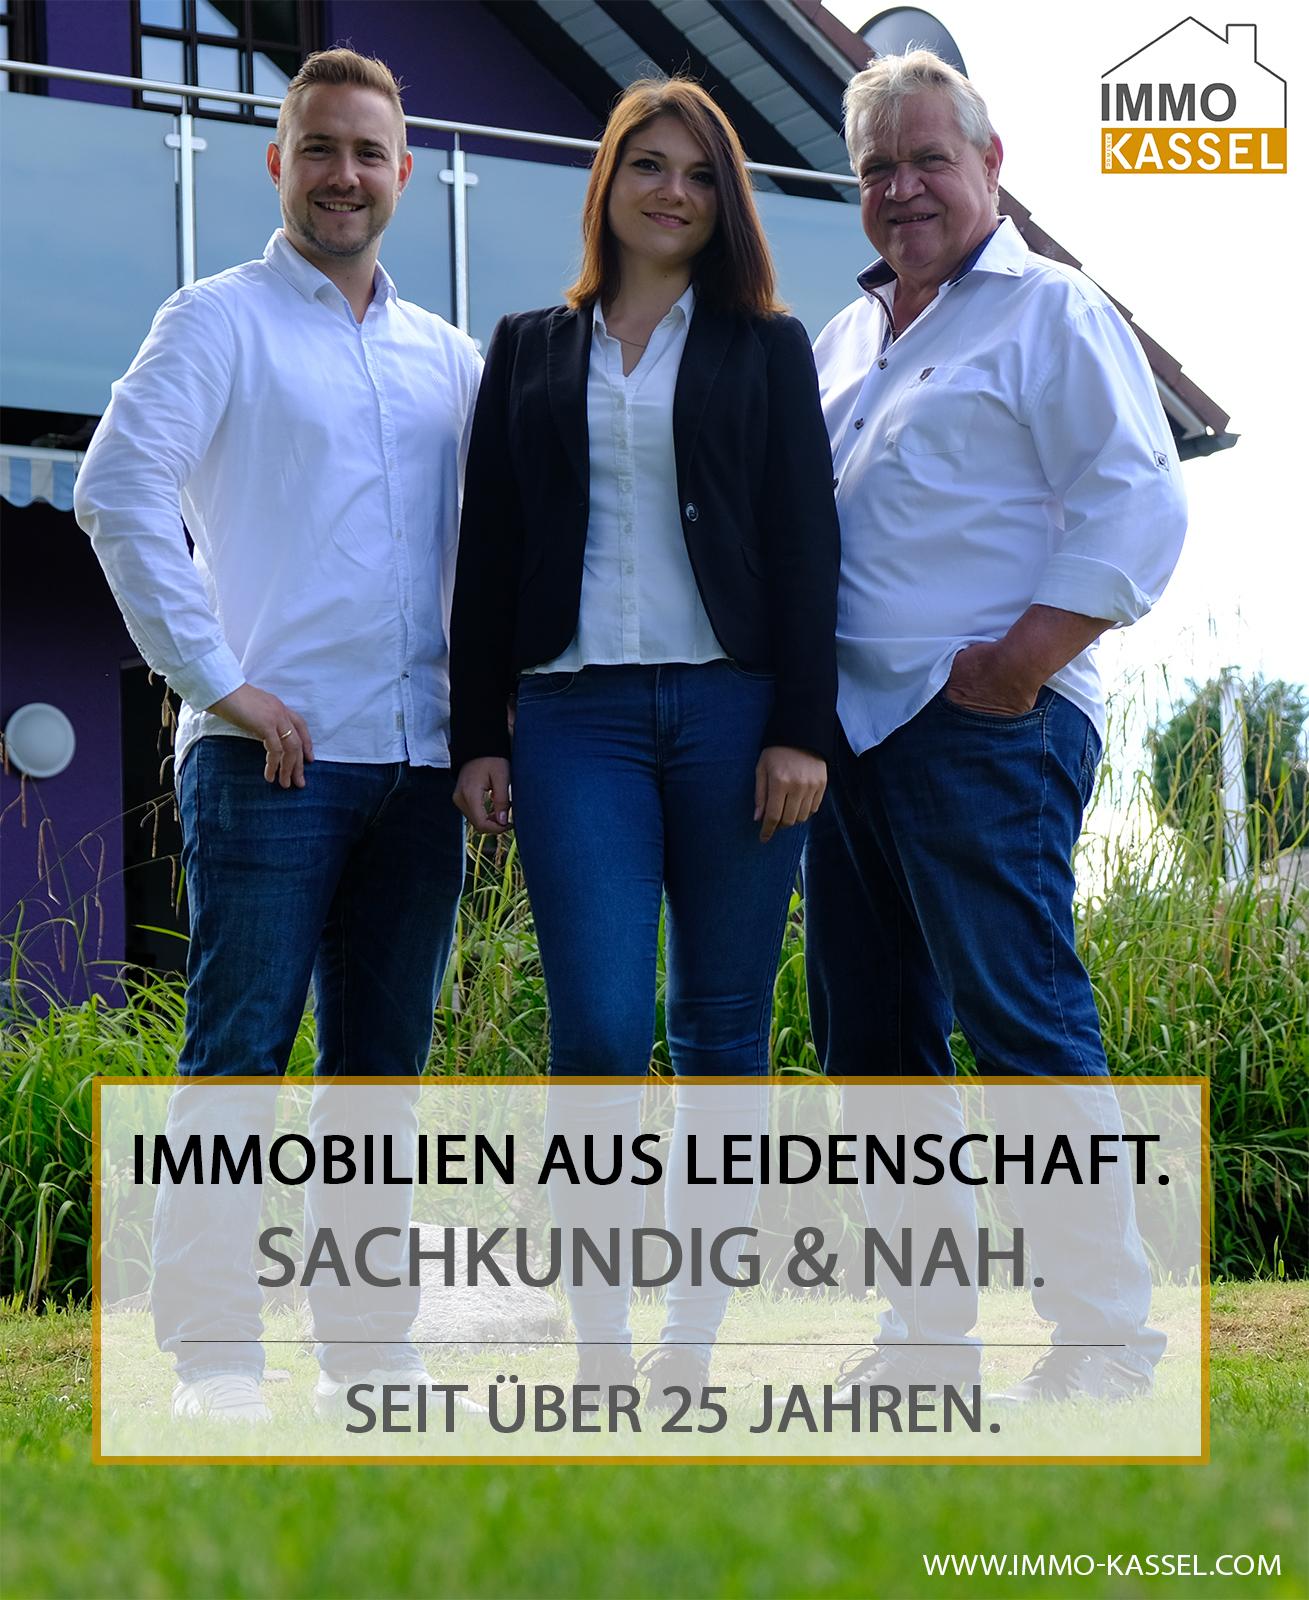 Immobilien aus Leidenschaft - Immobilienmakler Karlsruhe